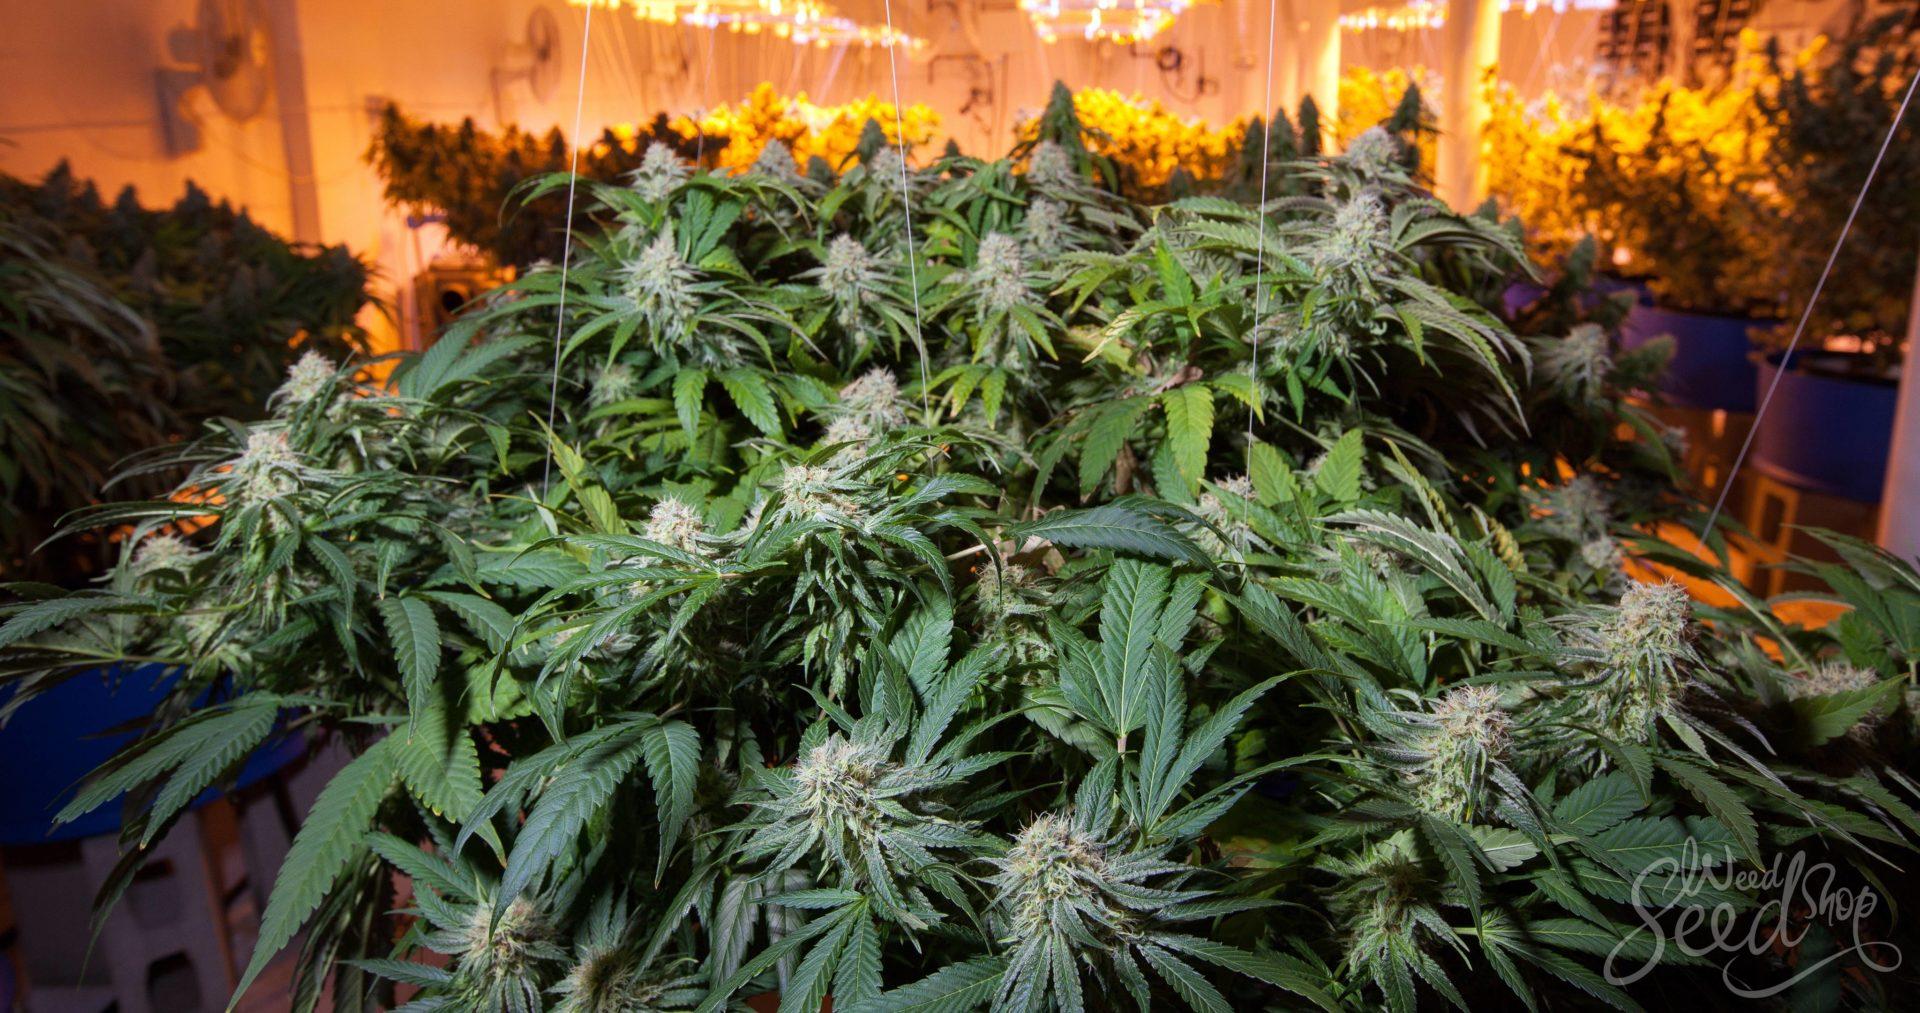 Comment faire pousser de la weed le plus vite possible